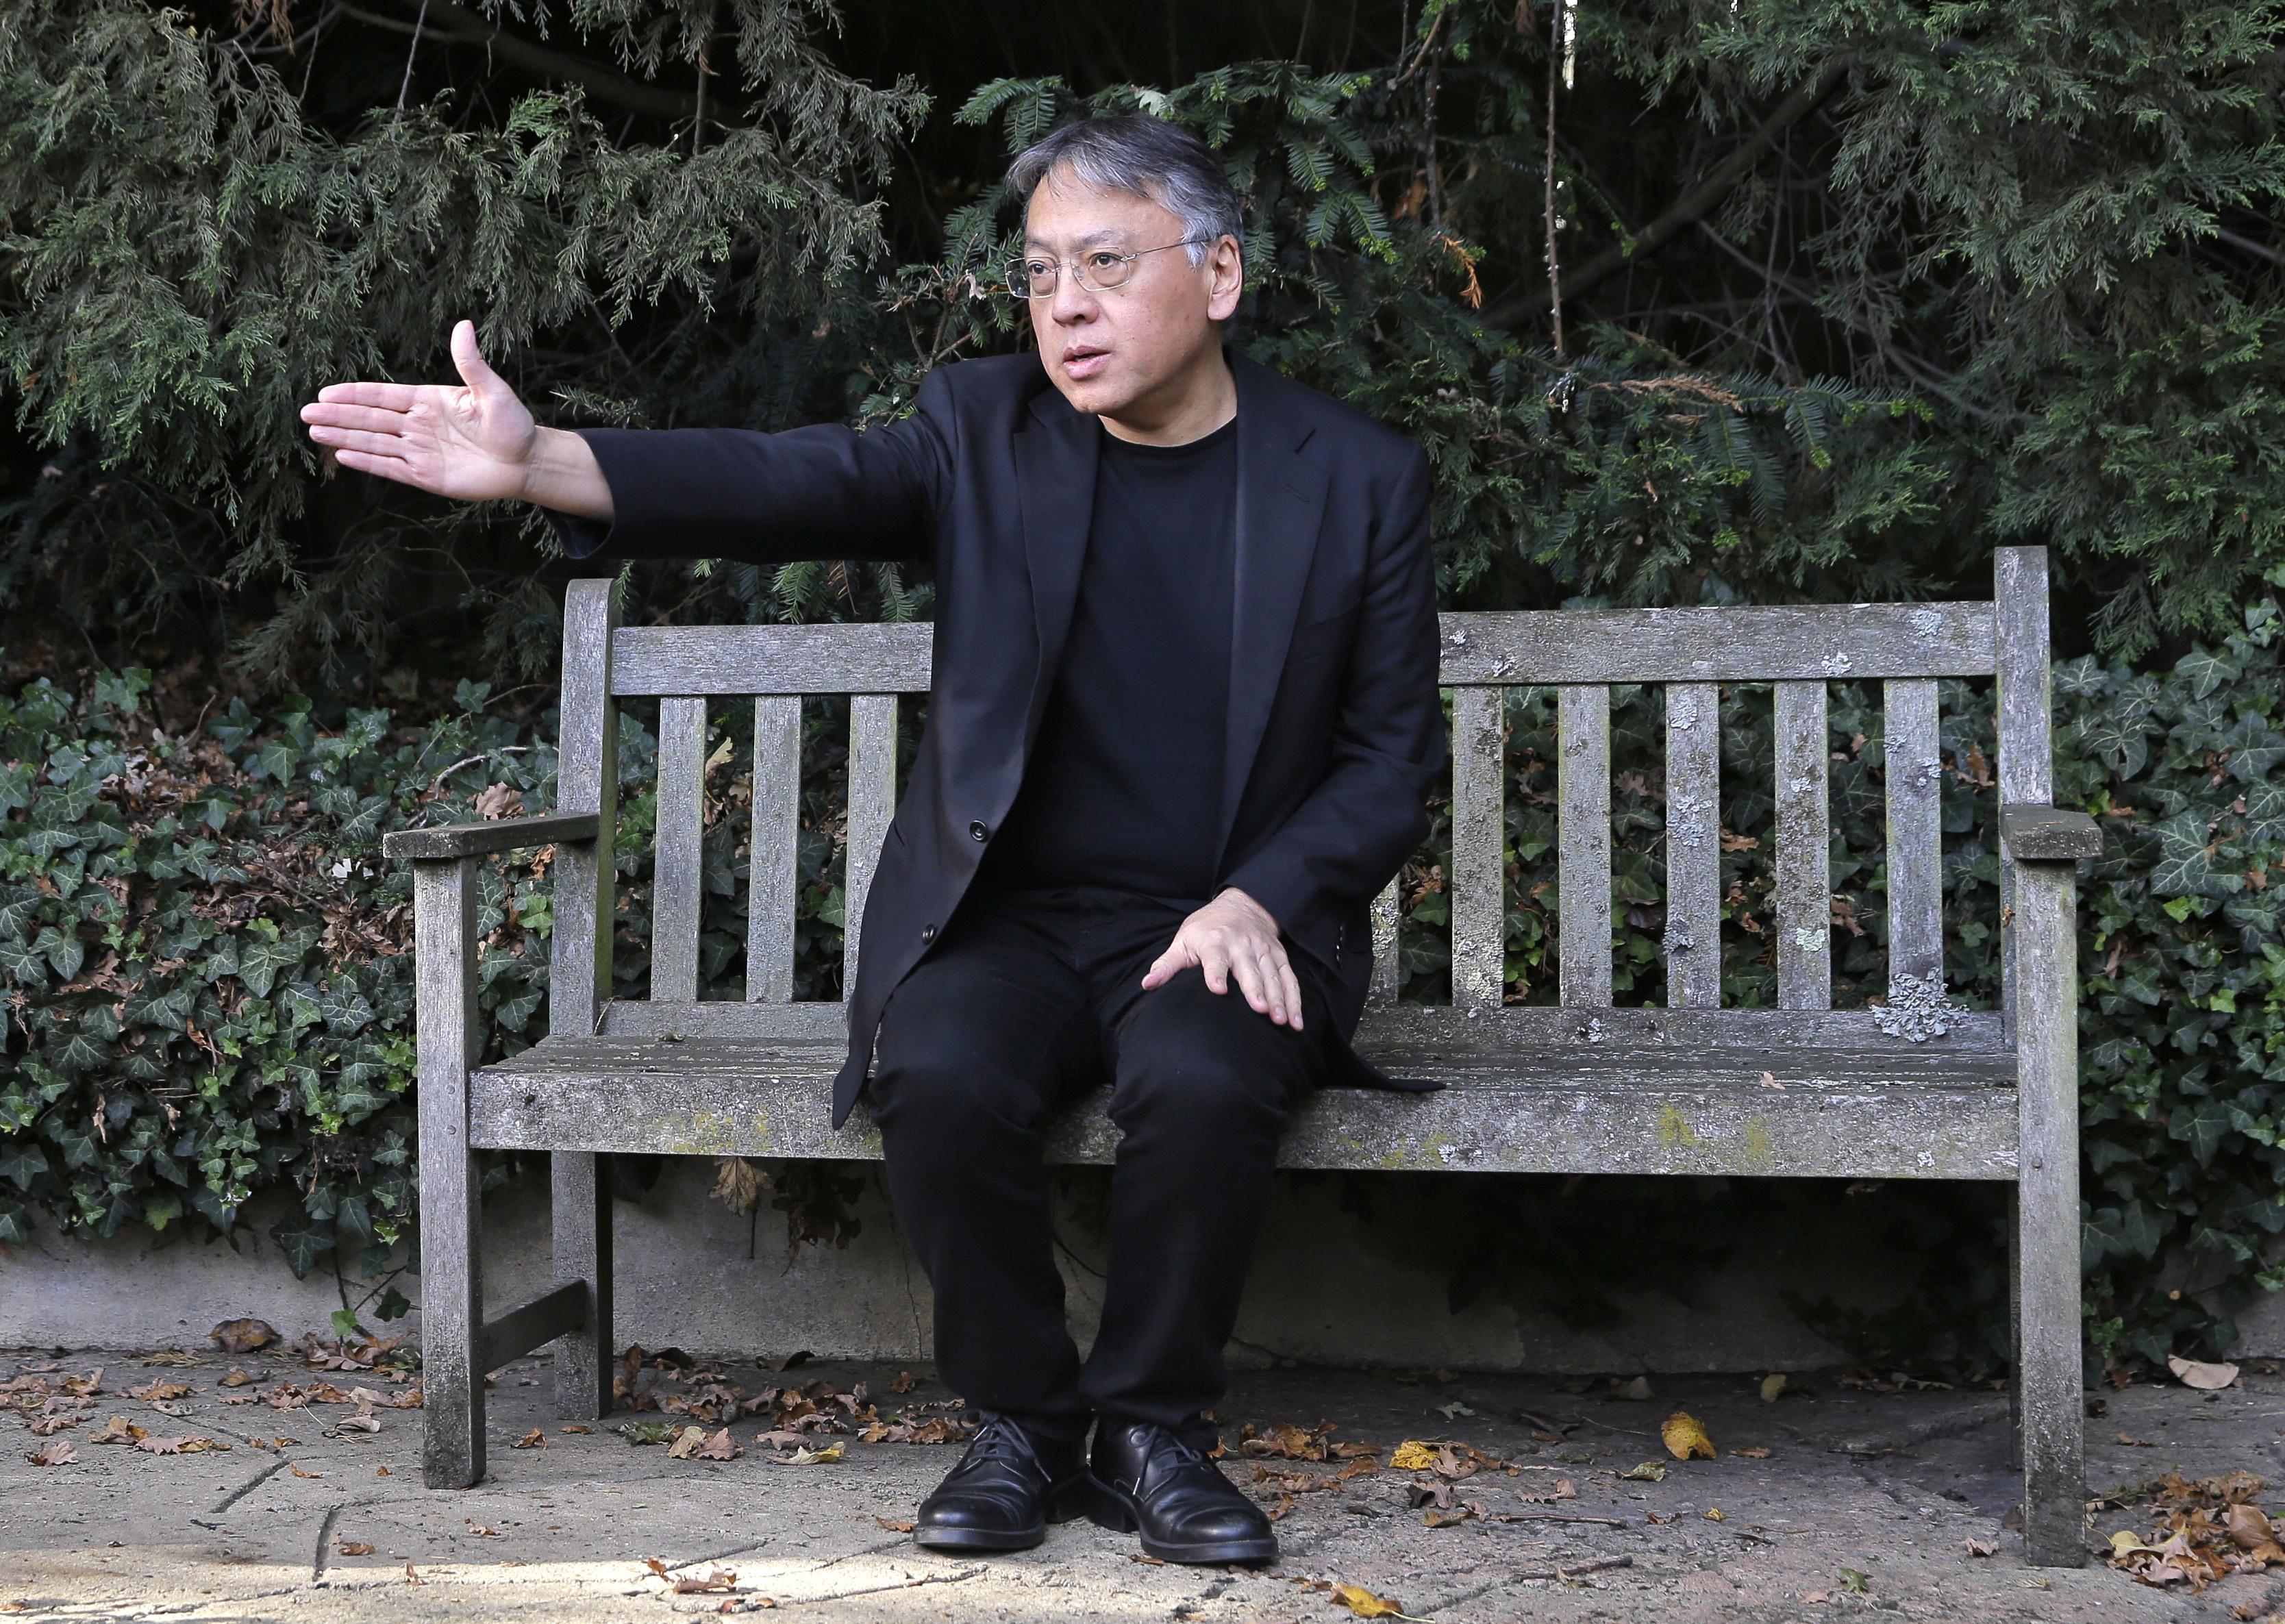 今年文學獎的得主公布後,引起相當的議論,因為是由62歲的英國籍日裔小說家石黑一雄(左)以爆冷的姿態獲得殊榮。石黑一雄雖獲得文學最高榮譽,但對多數日本民眾來說是陌生的名字,知名度難與國民作家村上春樹(右)相提並論。石黑以英文書寫,讀者多為西方人,他的名字使用羅馬拼音Kazuo Ishiguro。(本報資料照)